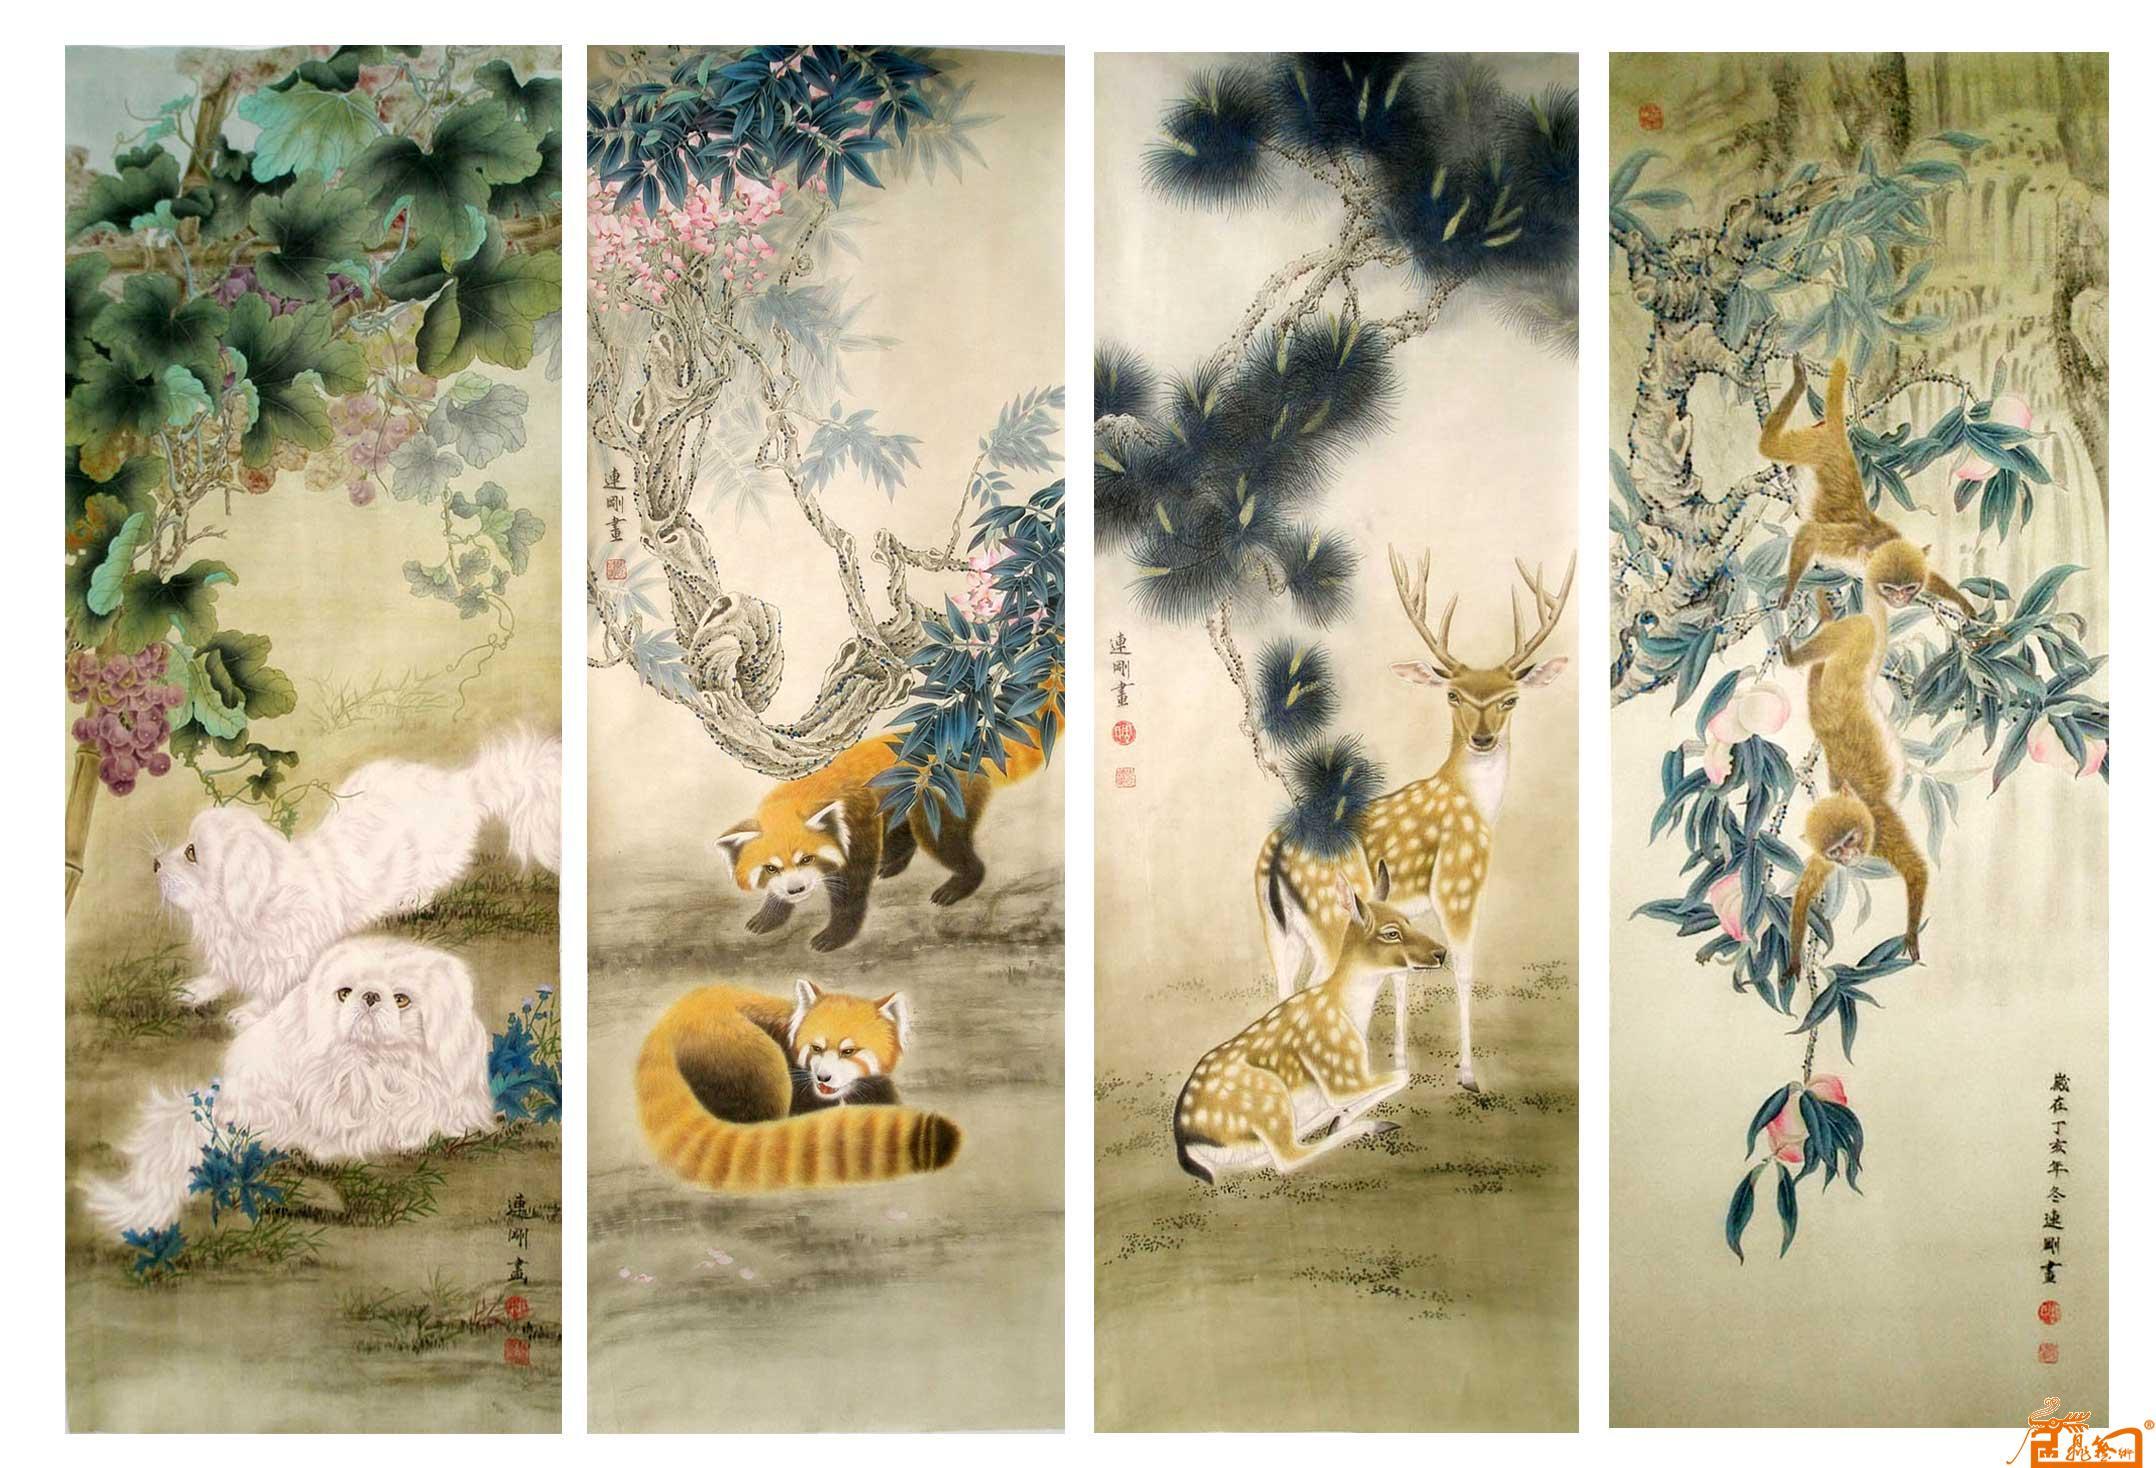 周连刚-动物四条屏-淘宝-名人字画-中国书画交易中心